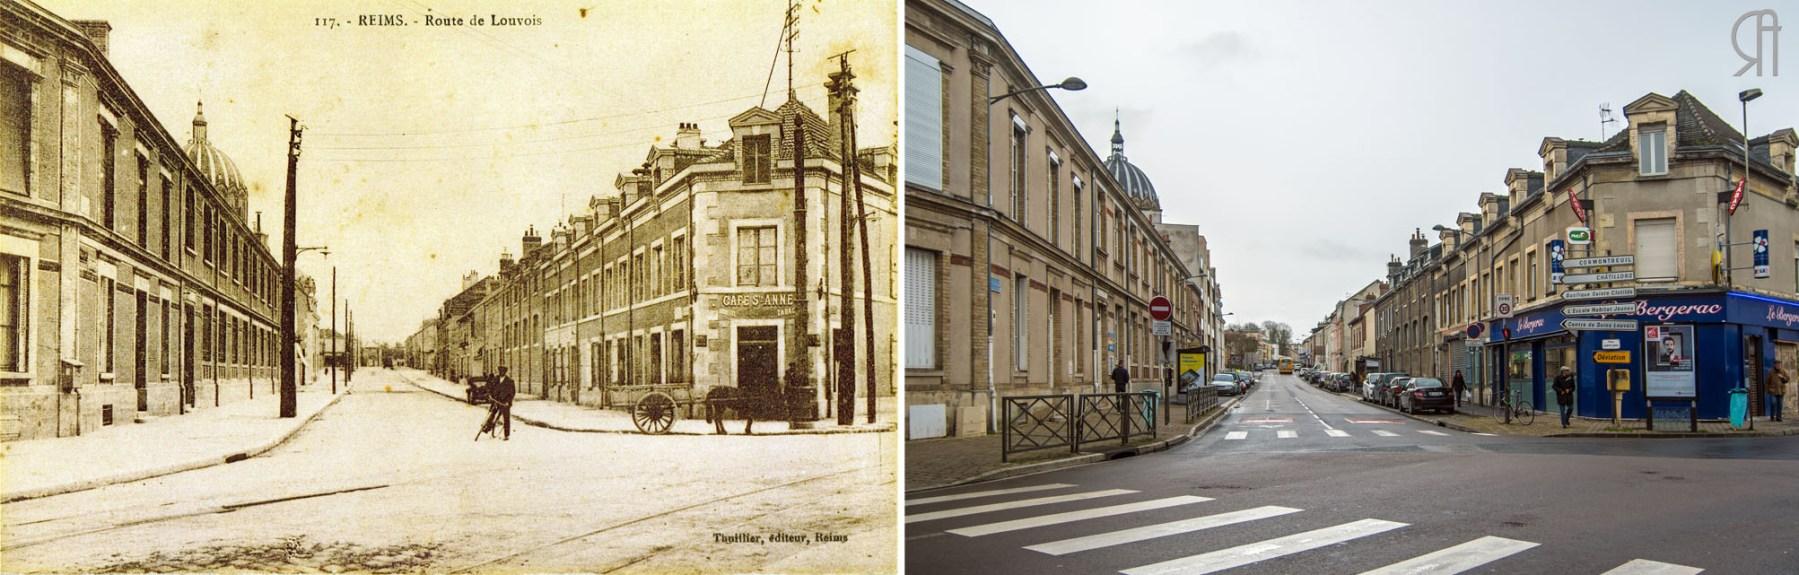 Maison blanche sainte anne wilson reimsavant for 77 rue de la maison blanche reims